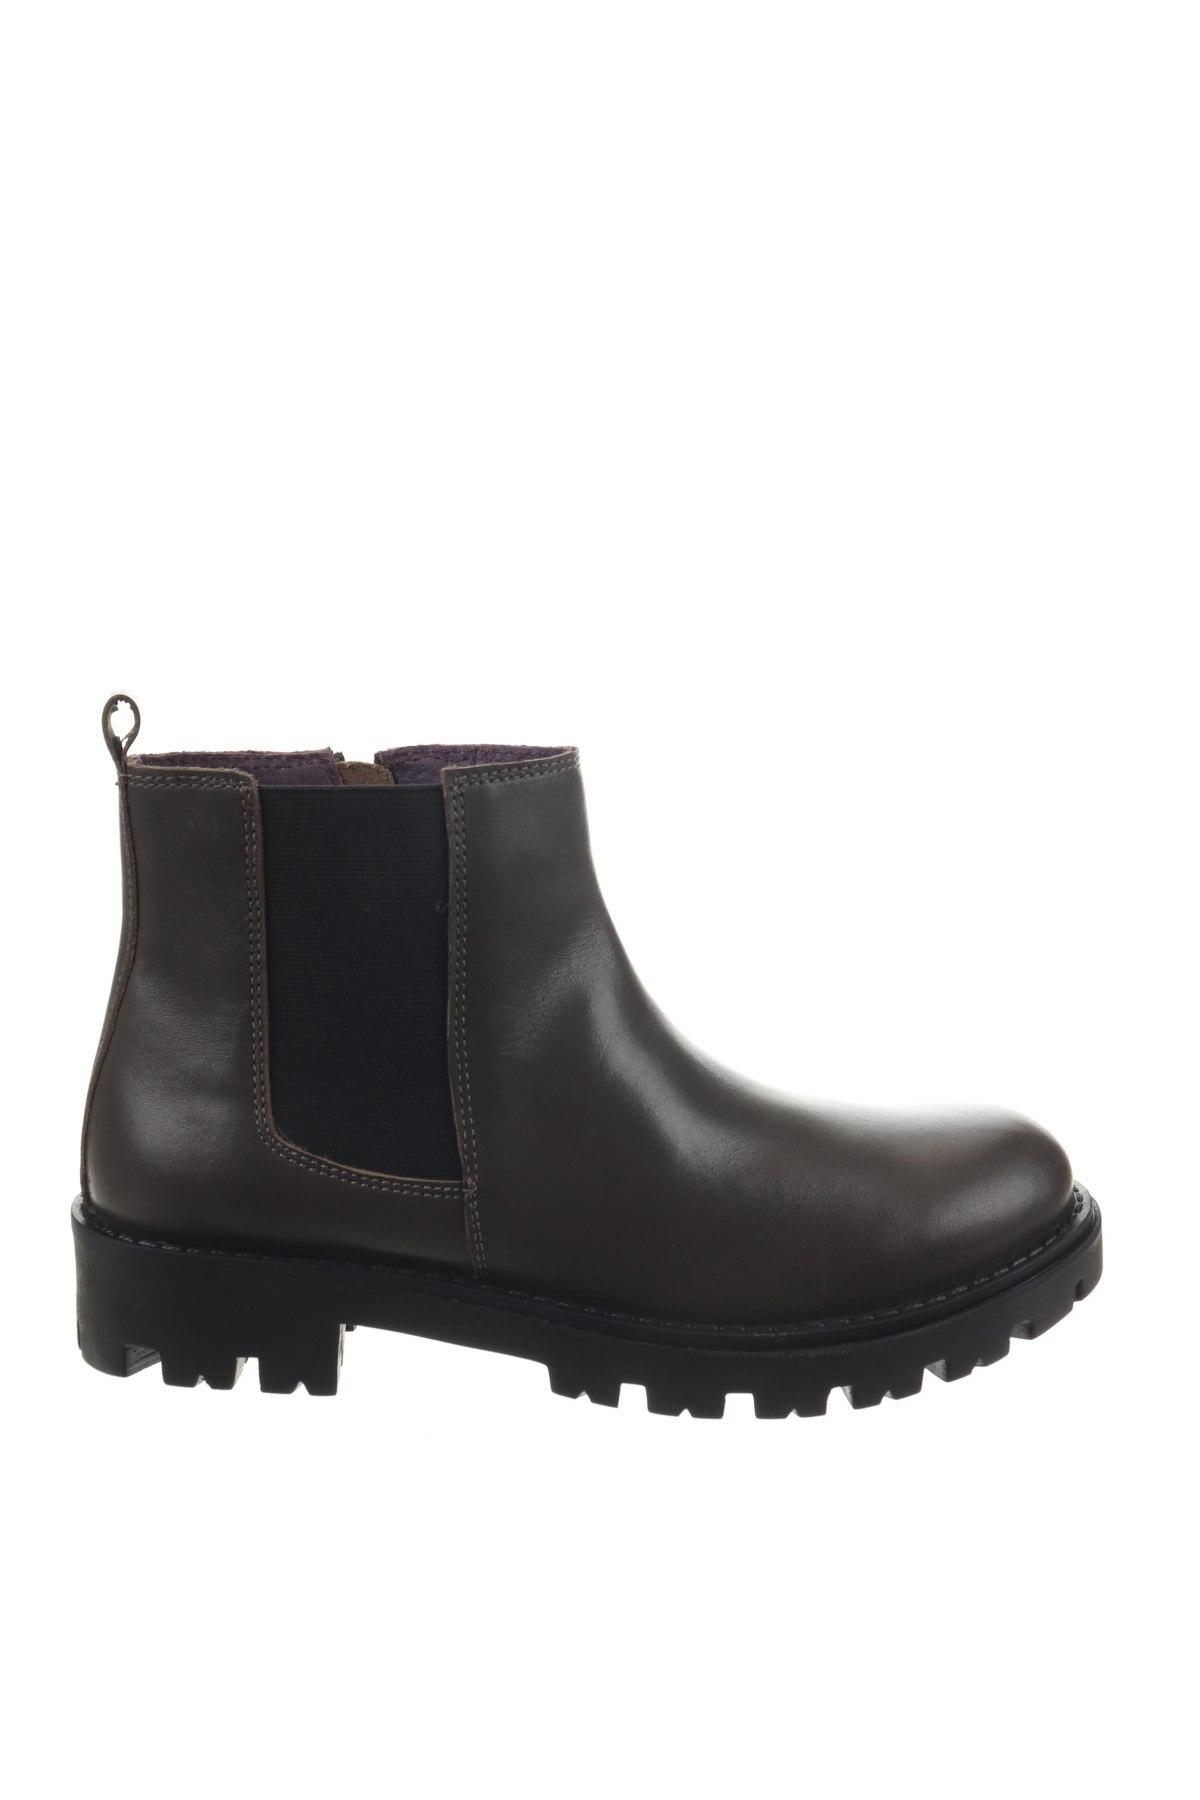 Παιδικά παπούτσια Gioseppo, Μέγεθος 34, Χρώμα Καφέ, Γνήσιο δέρμα, Τιμή 28,74€